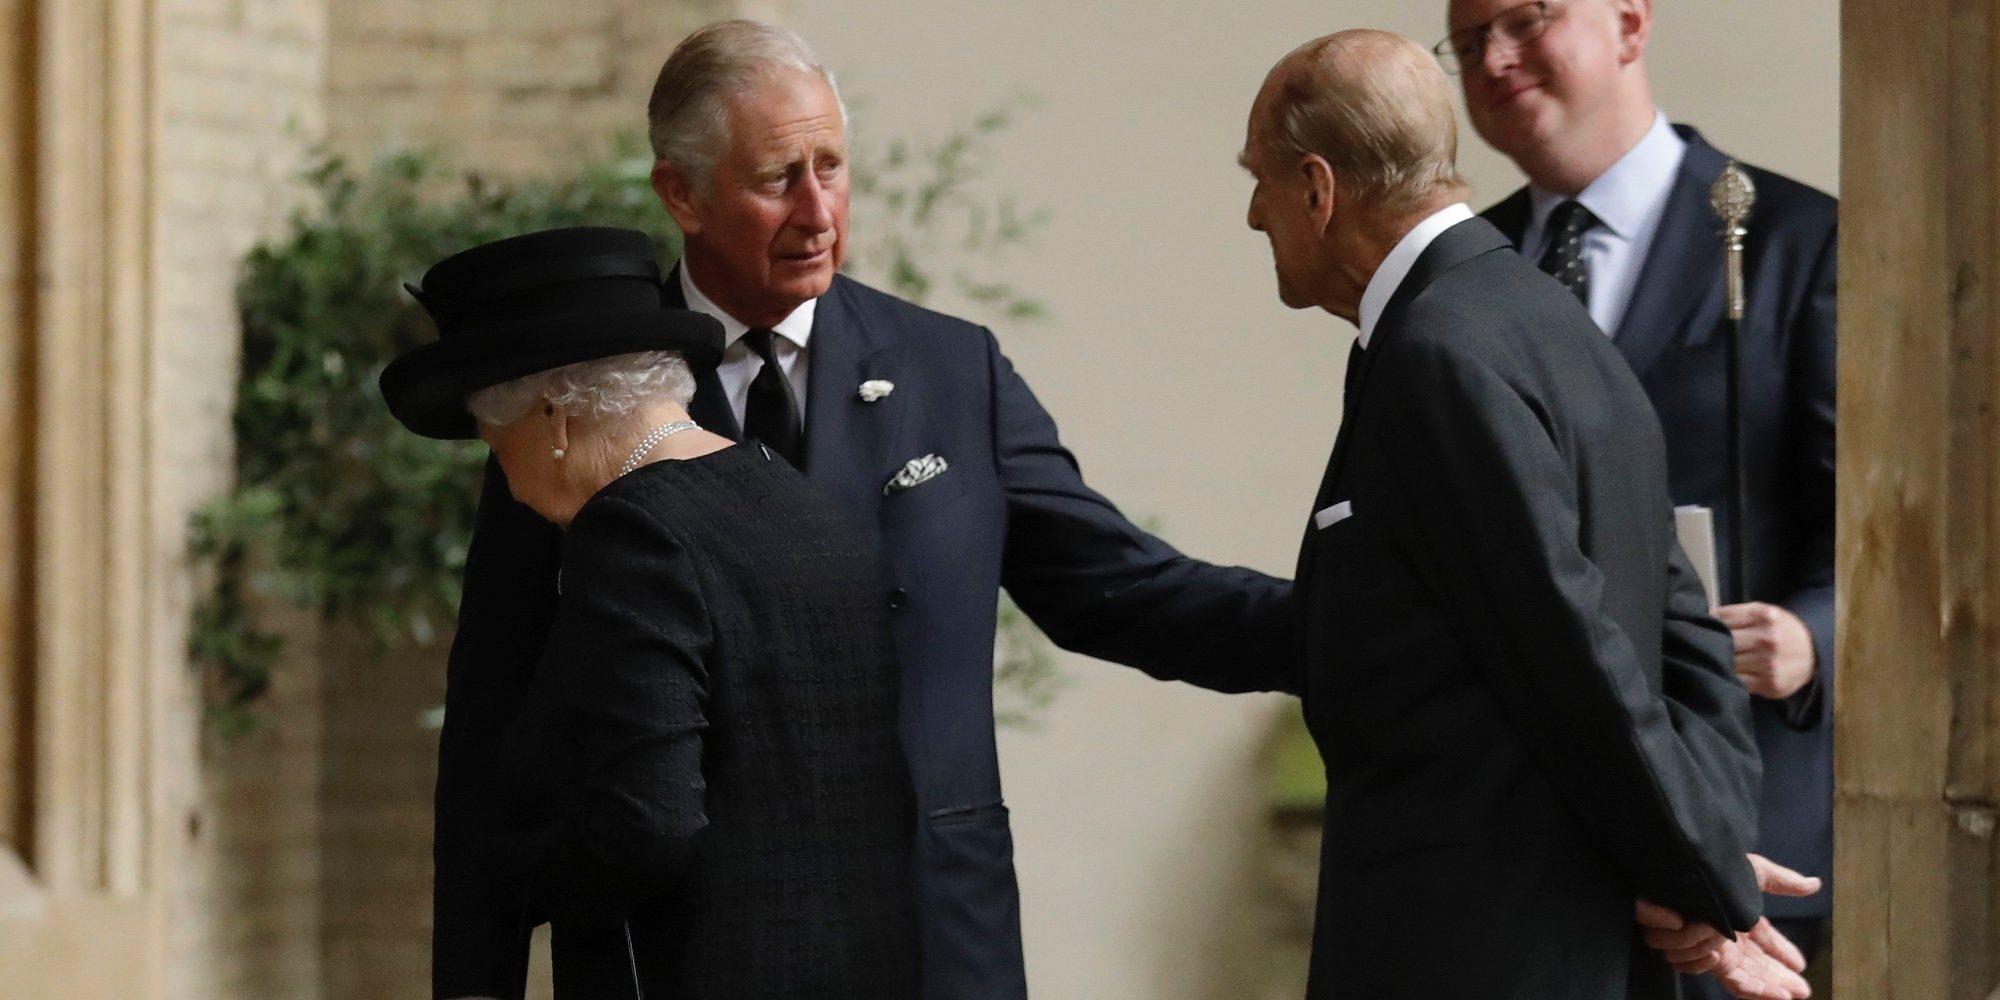 La gran tragedia casi olvidada de la Familia Real Británica que recuerda 'The Crown'